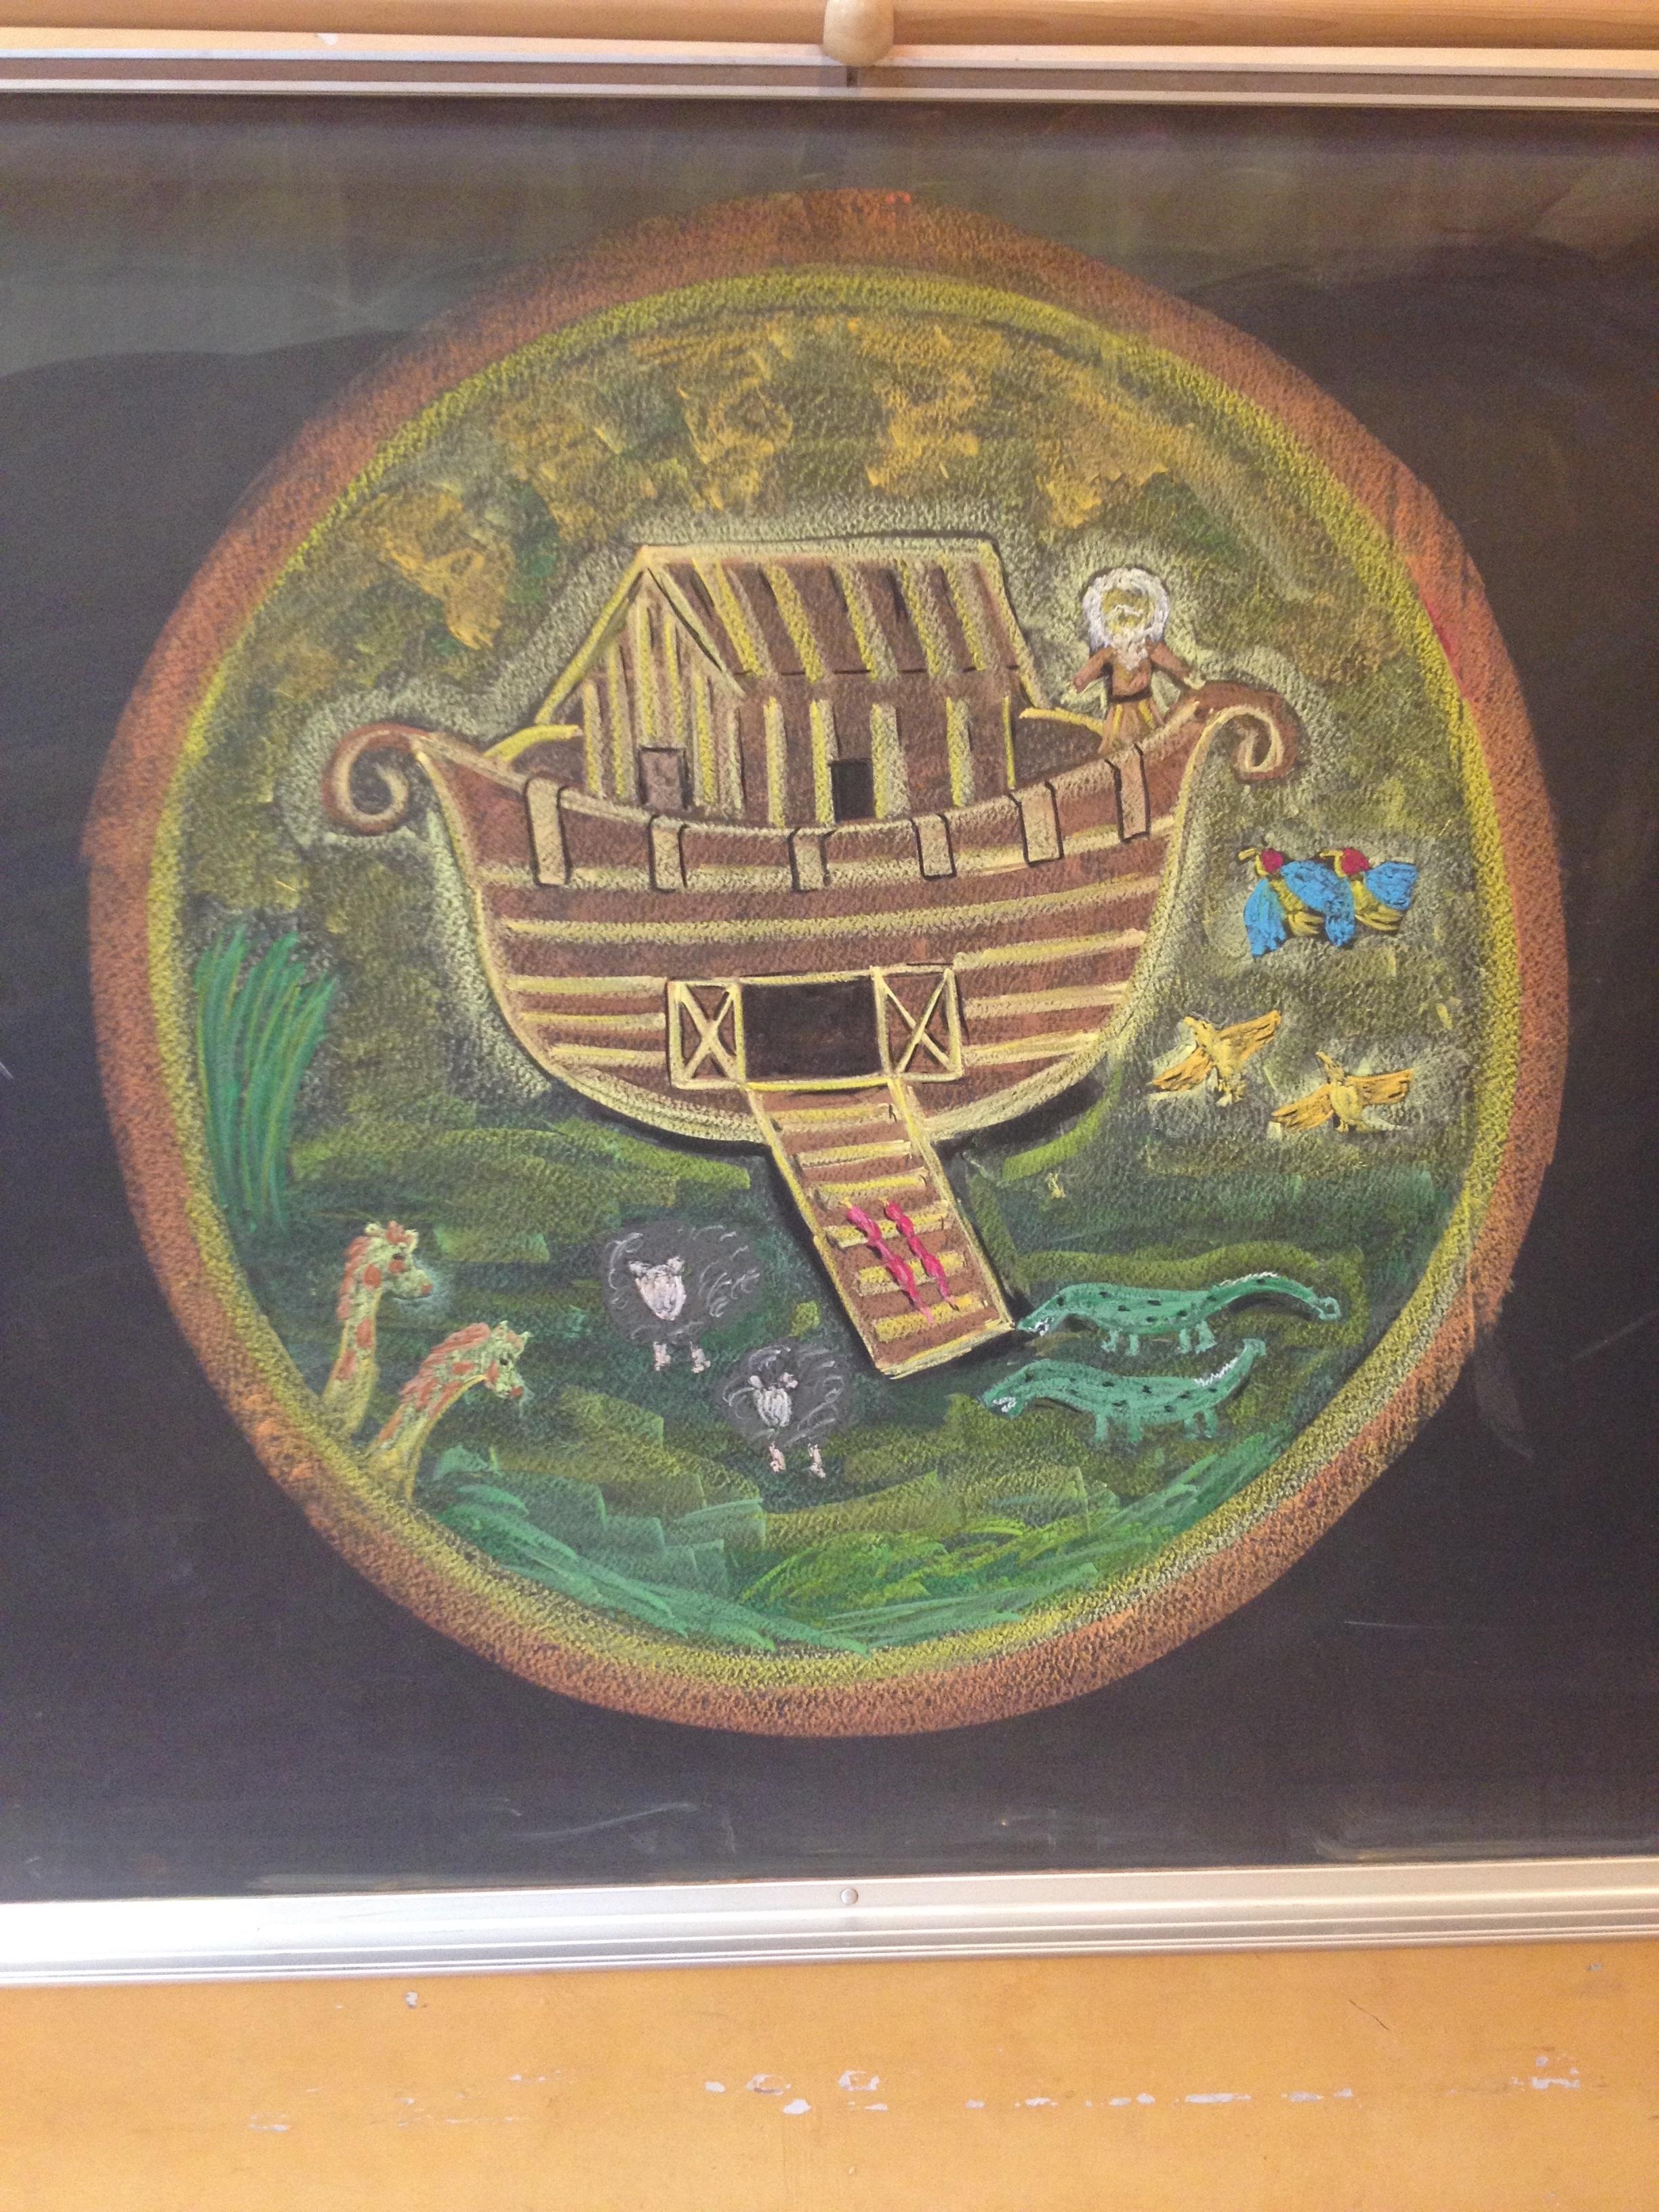 2448x3264 Chalkboard Drawings In The Waldorf Classroom